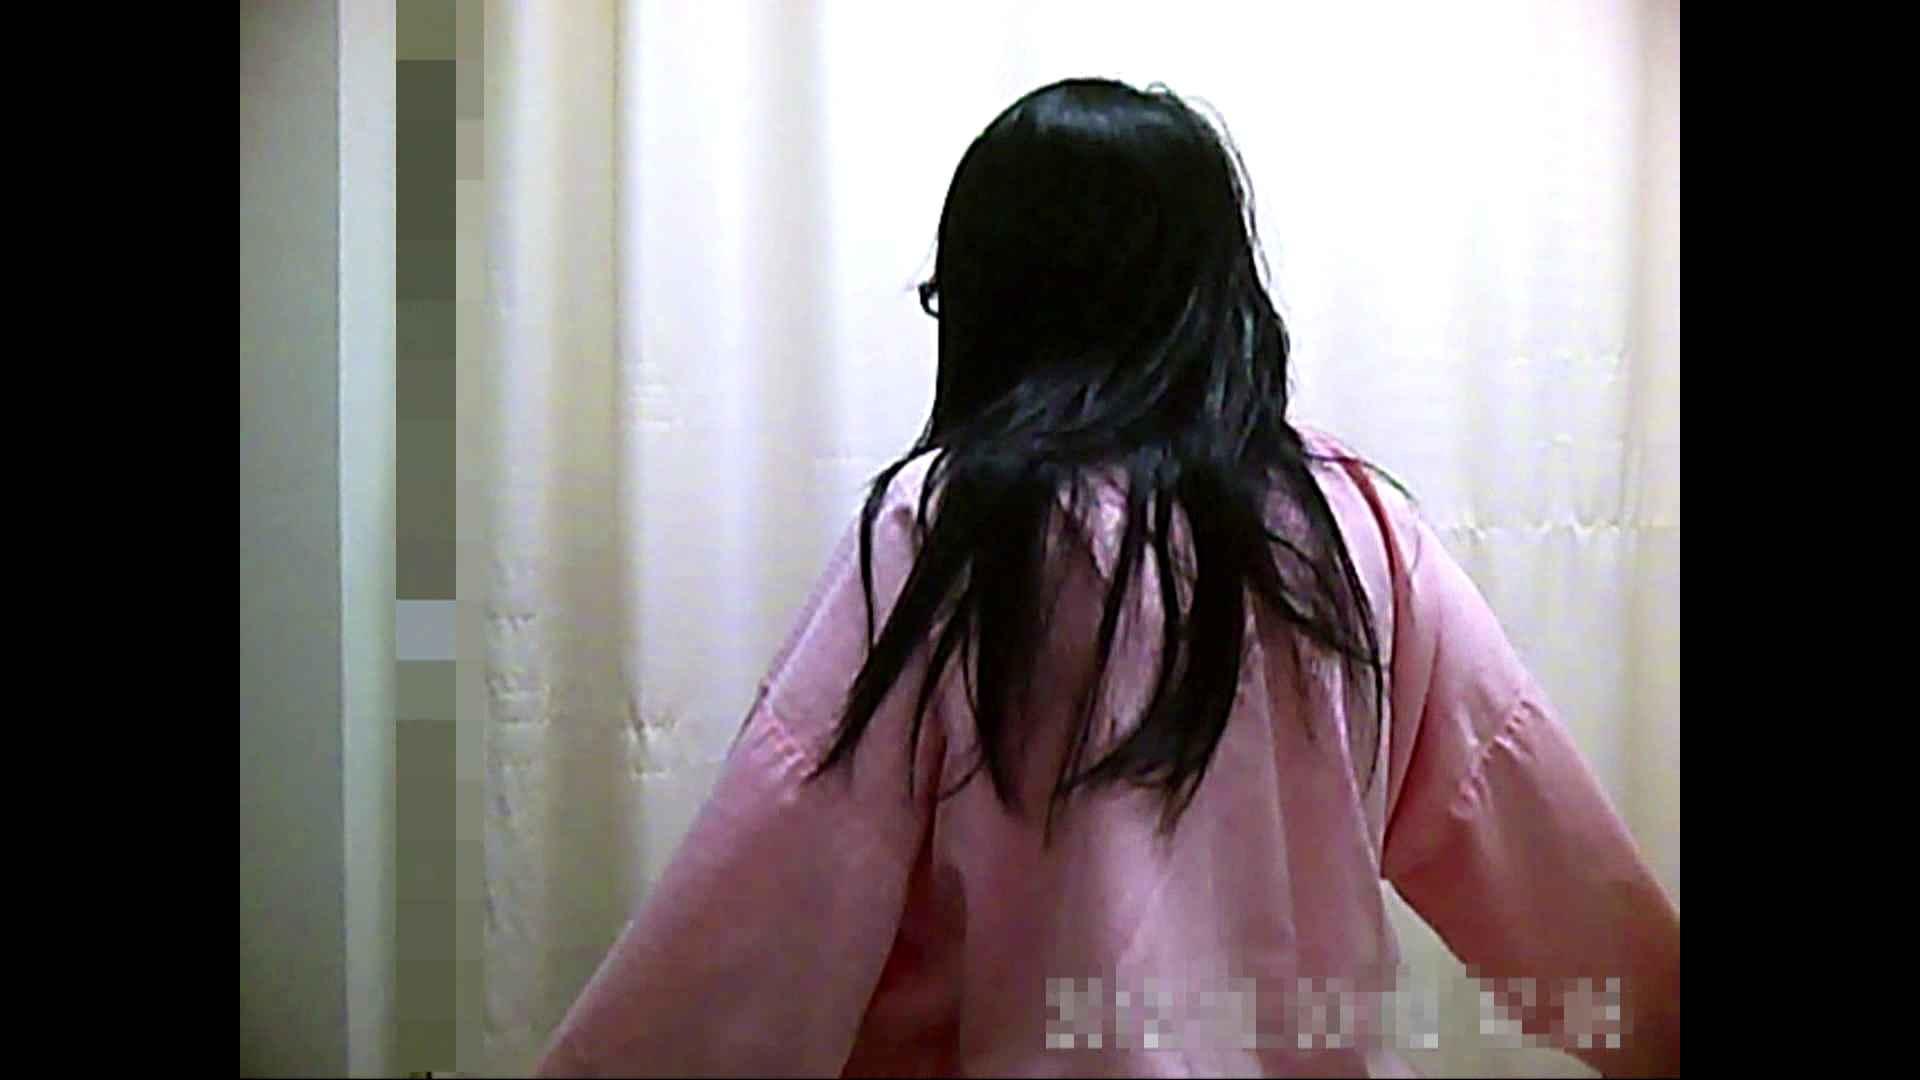 元医者による反抗 更衣室地獄絵巻 vol.068 OL  99pic 2